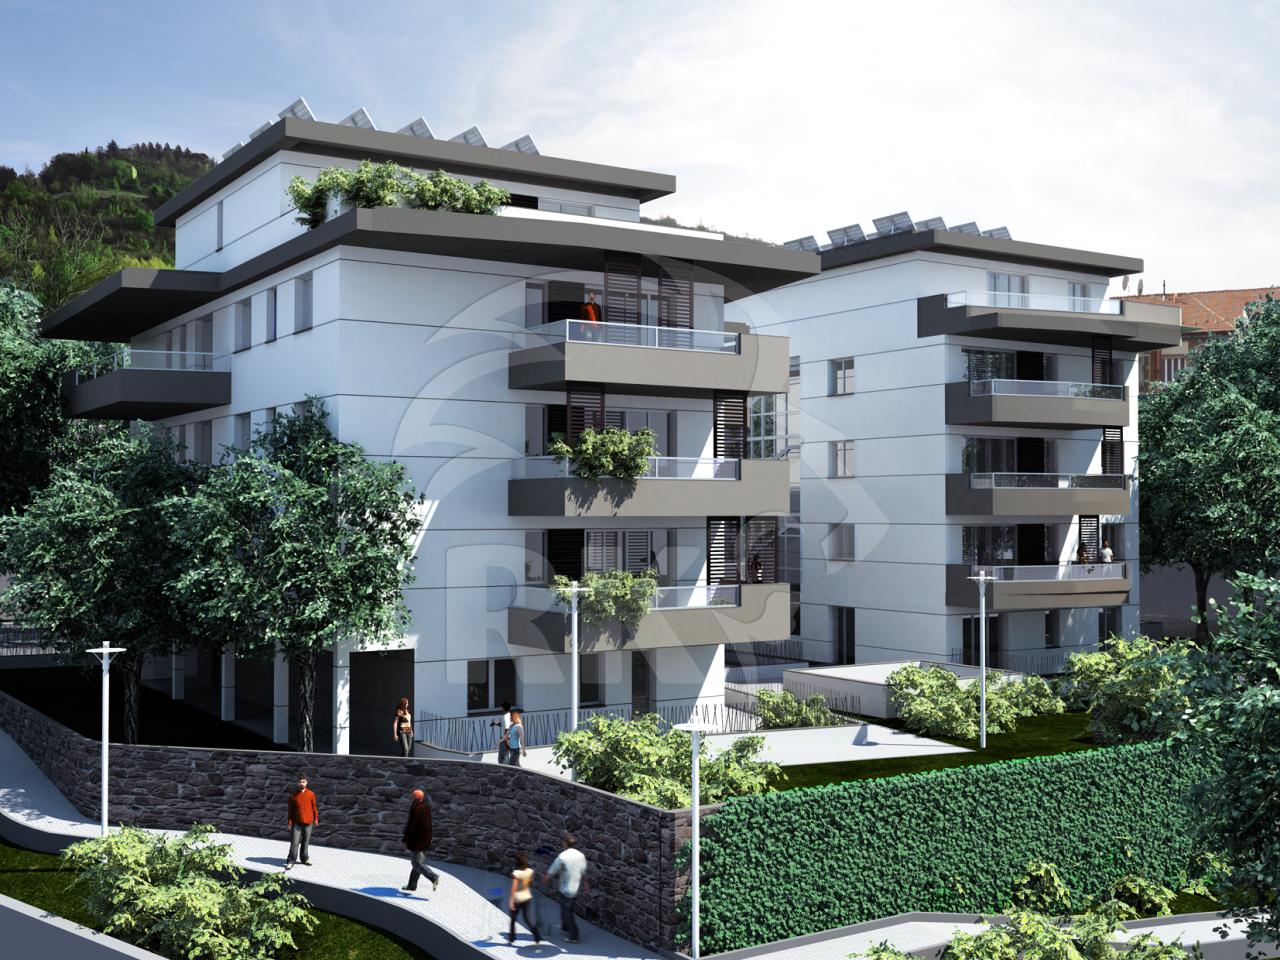 Appartamento in vendita a Casalecchio di Reno, 9999 locali, prezzo € 214.000   CambioCasa.it